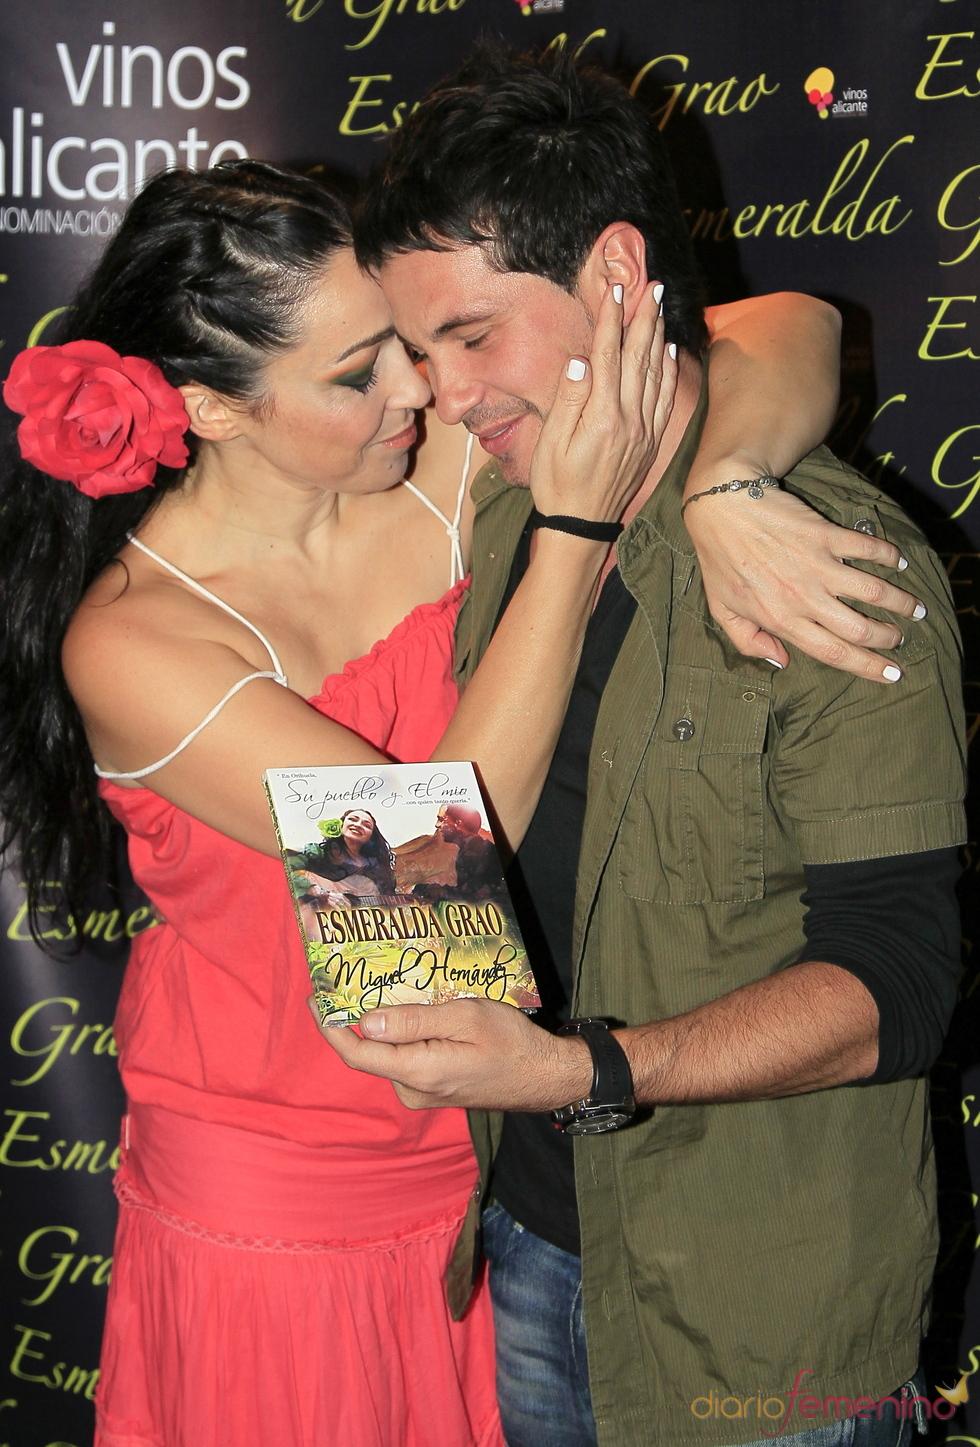 David de María y Esmeralda Grao se besan